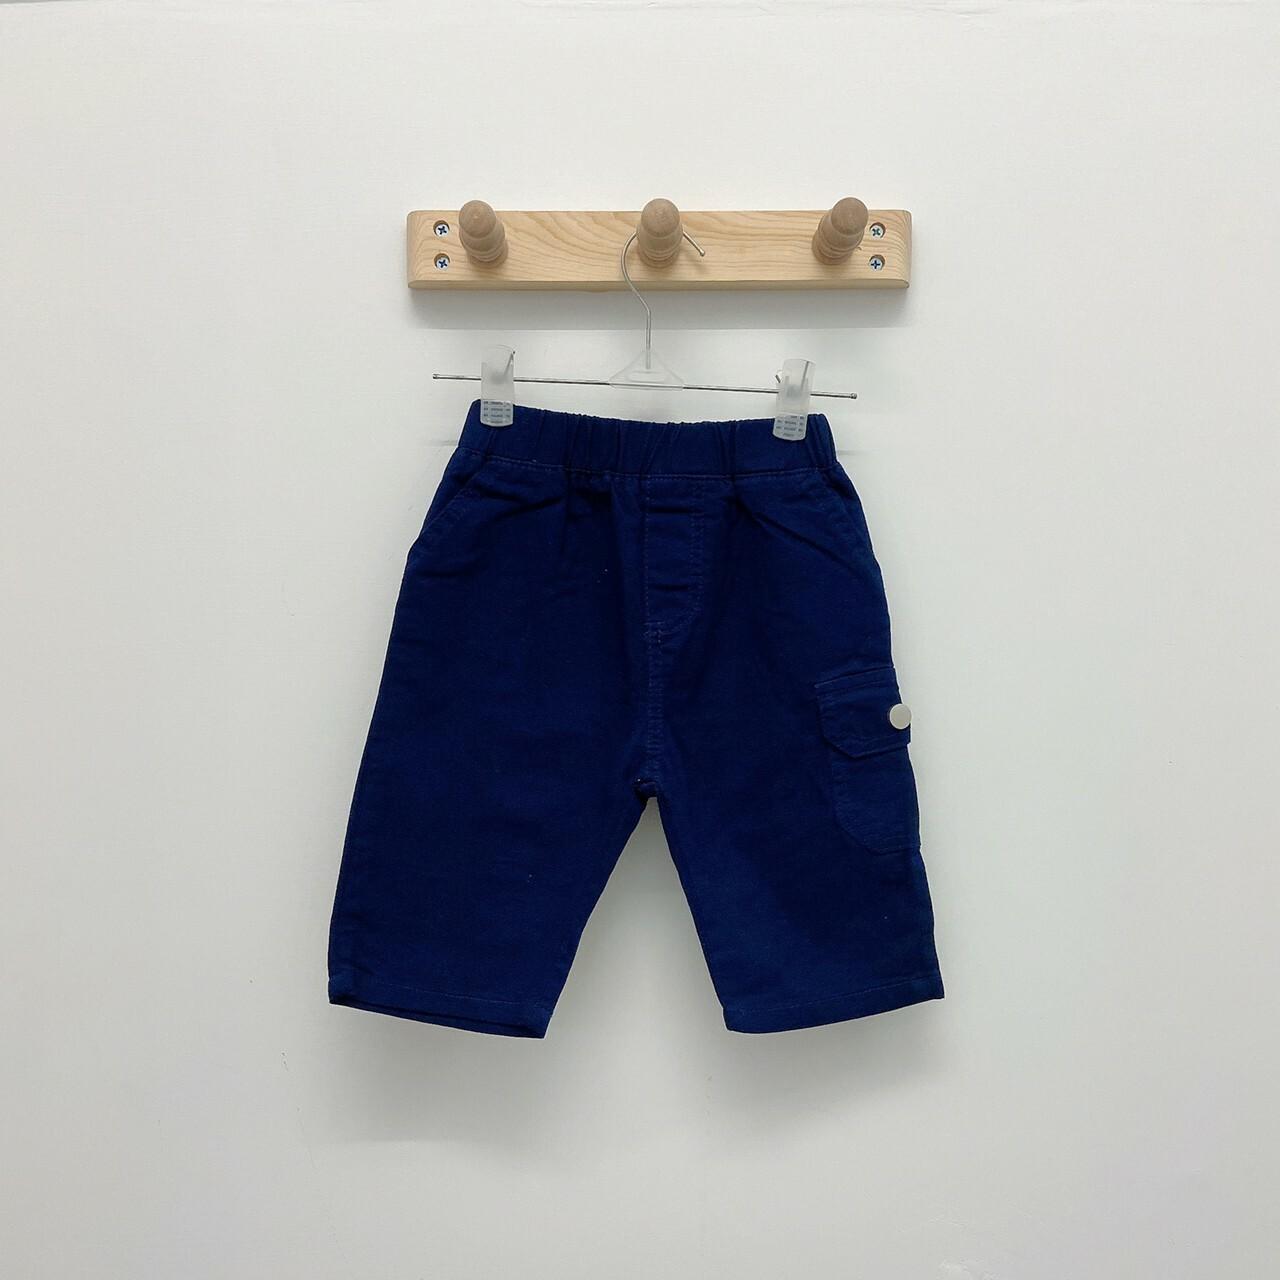 褲裙短 五~七分褲_210803_31.jpg